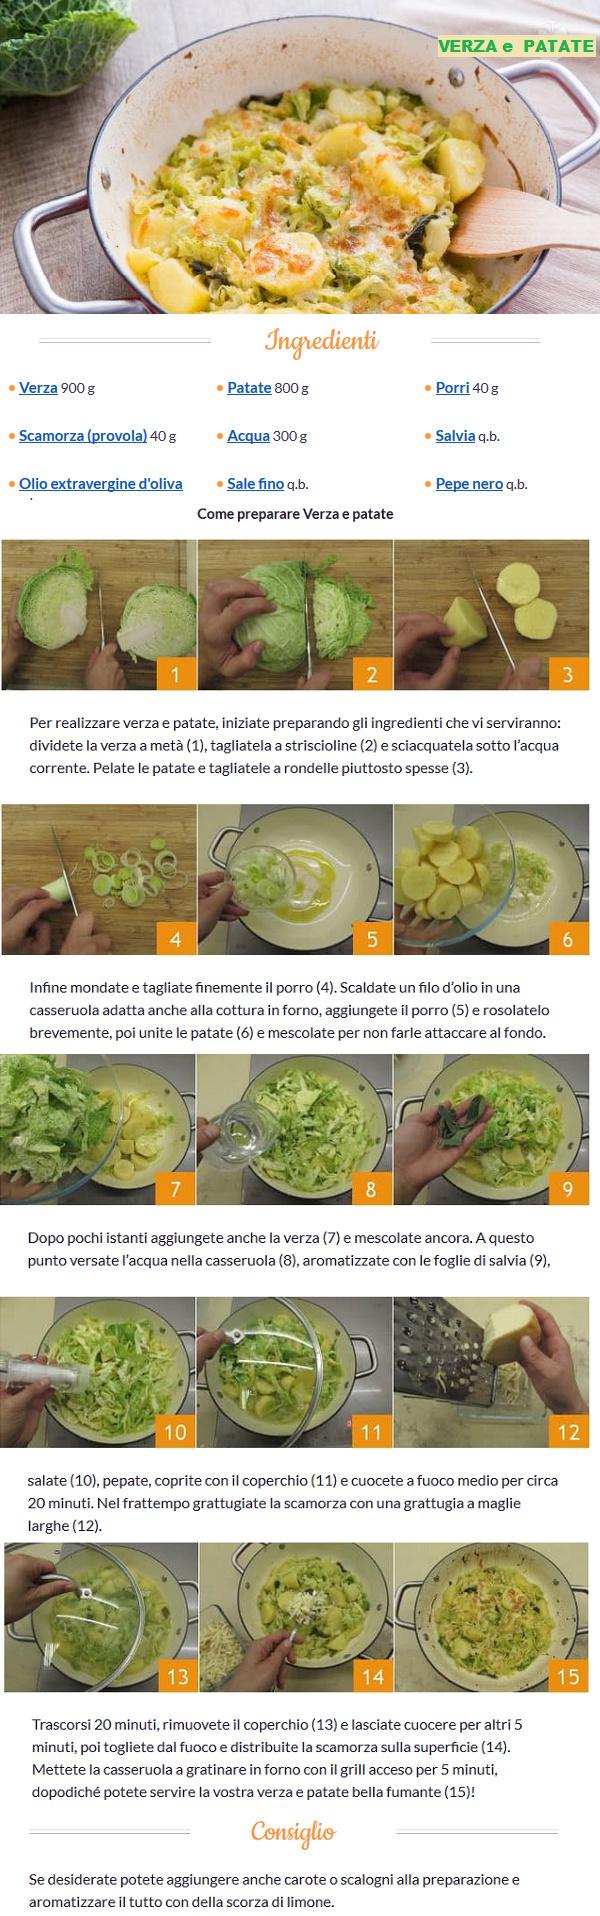 Patate in cucina - Pagina 2 Verza_10